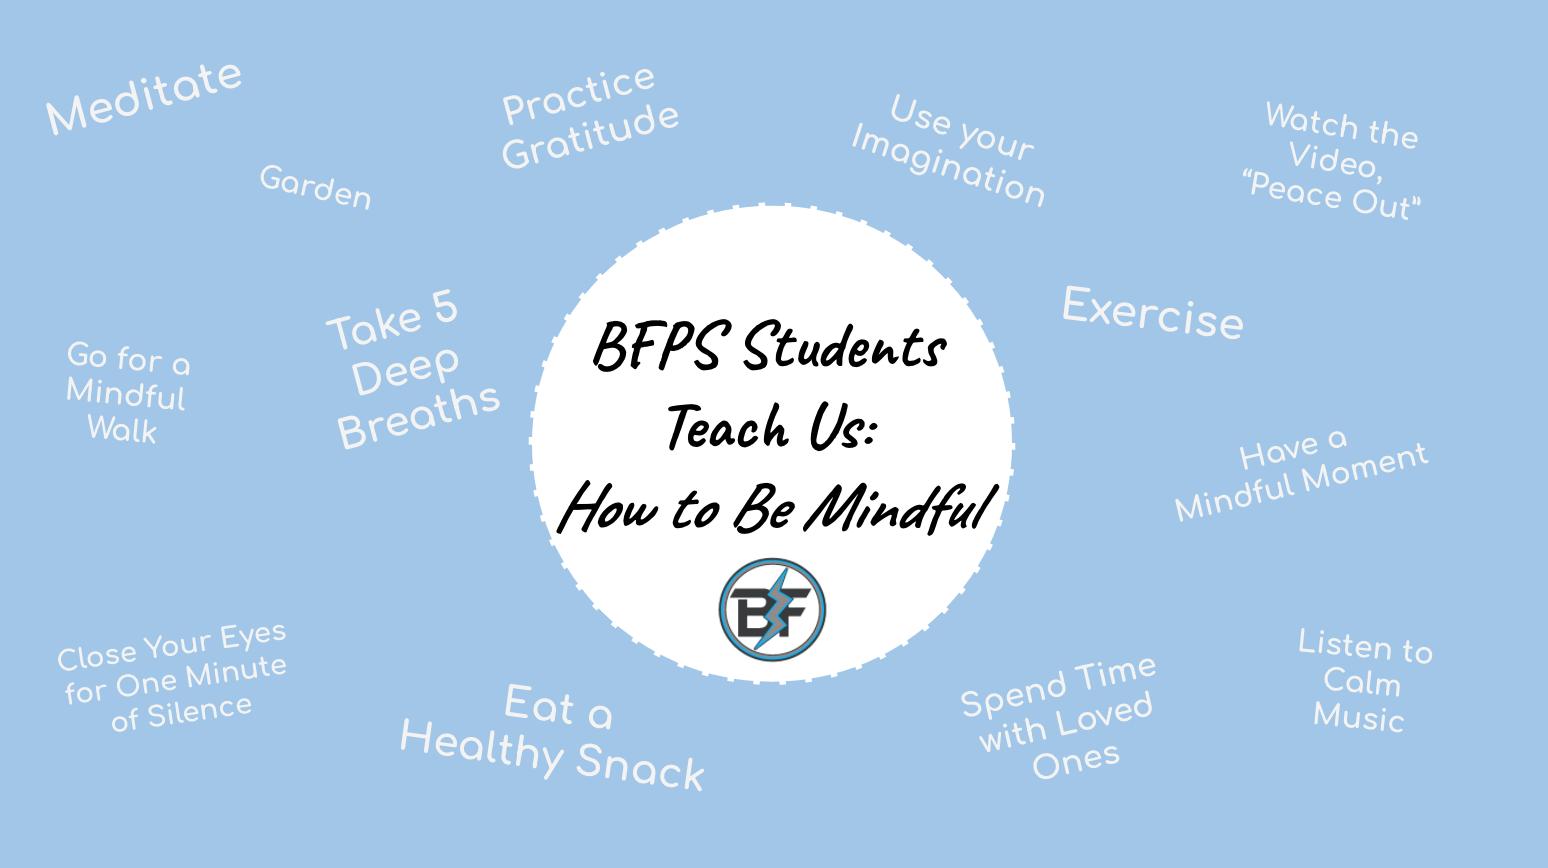 Mindful - BFPS